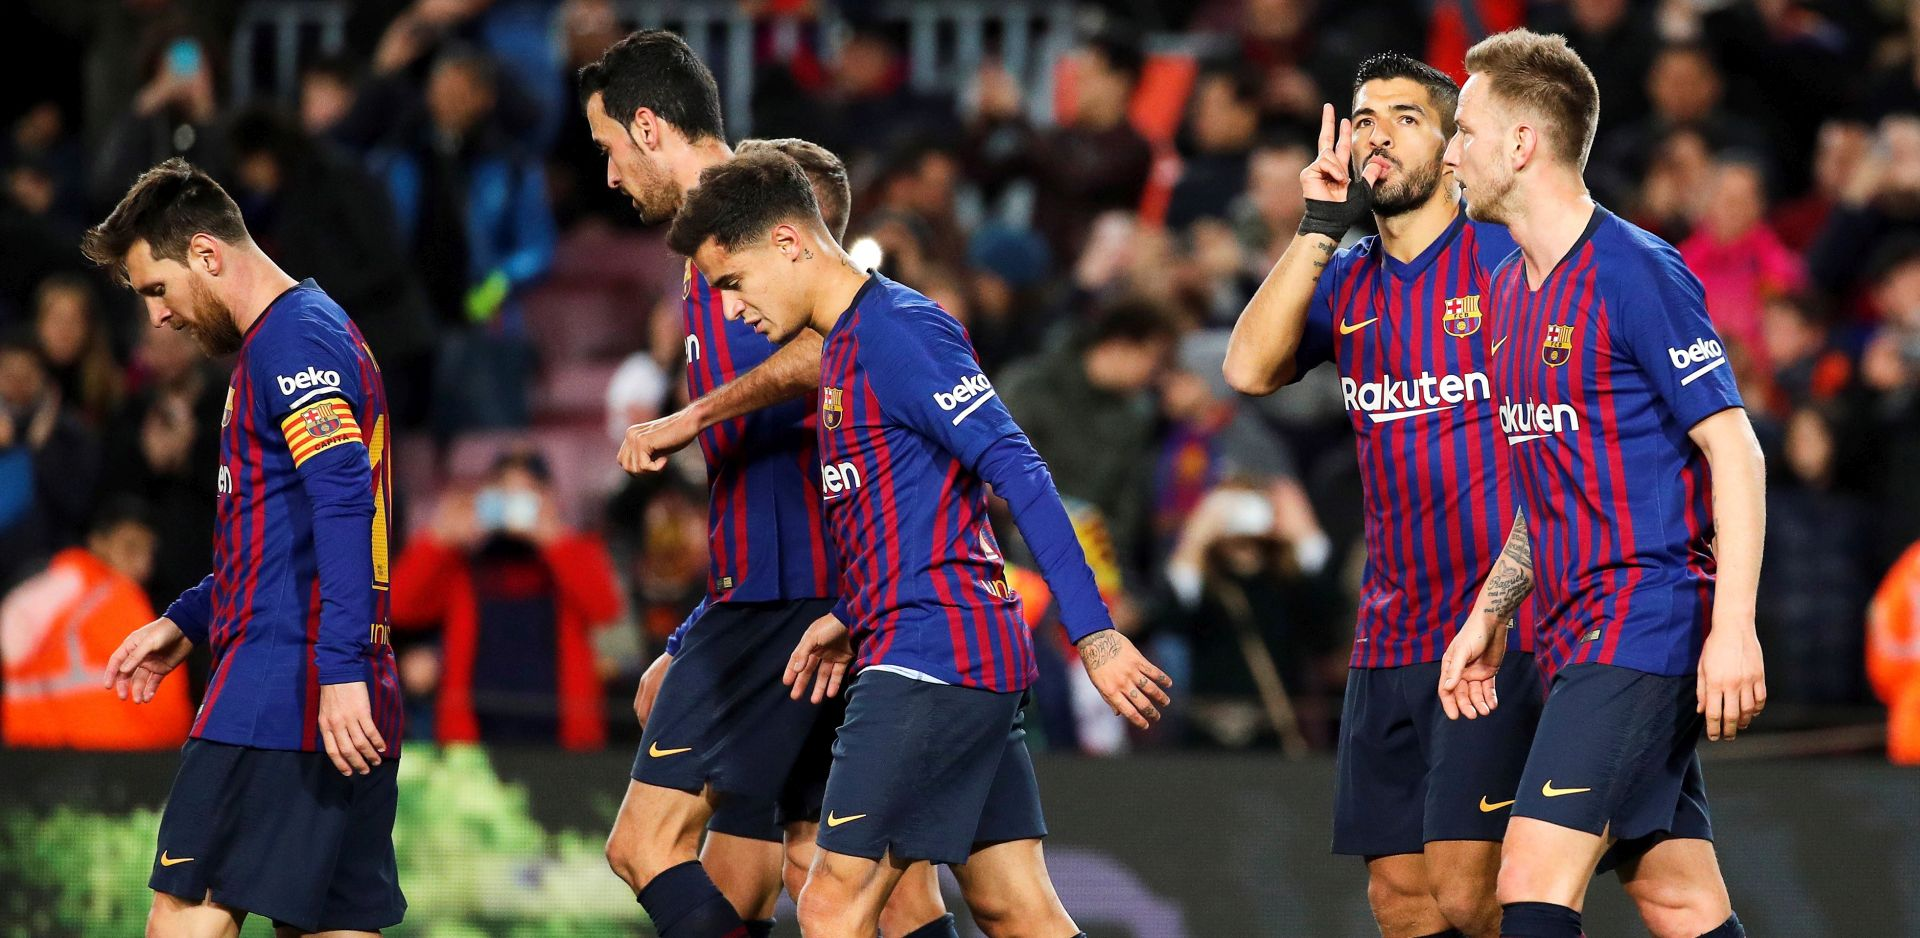 KUP KRALJA Sevilla protiv Barcelone u četvrtfinalu